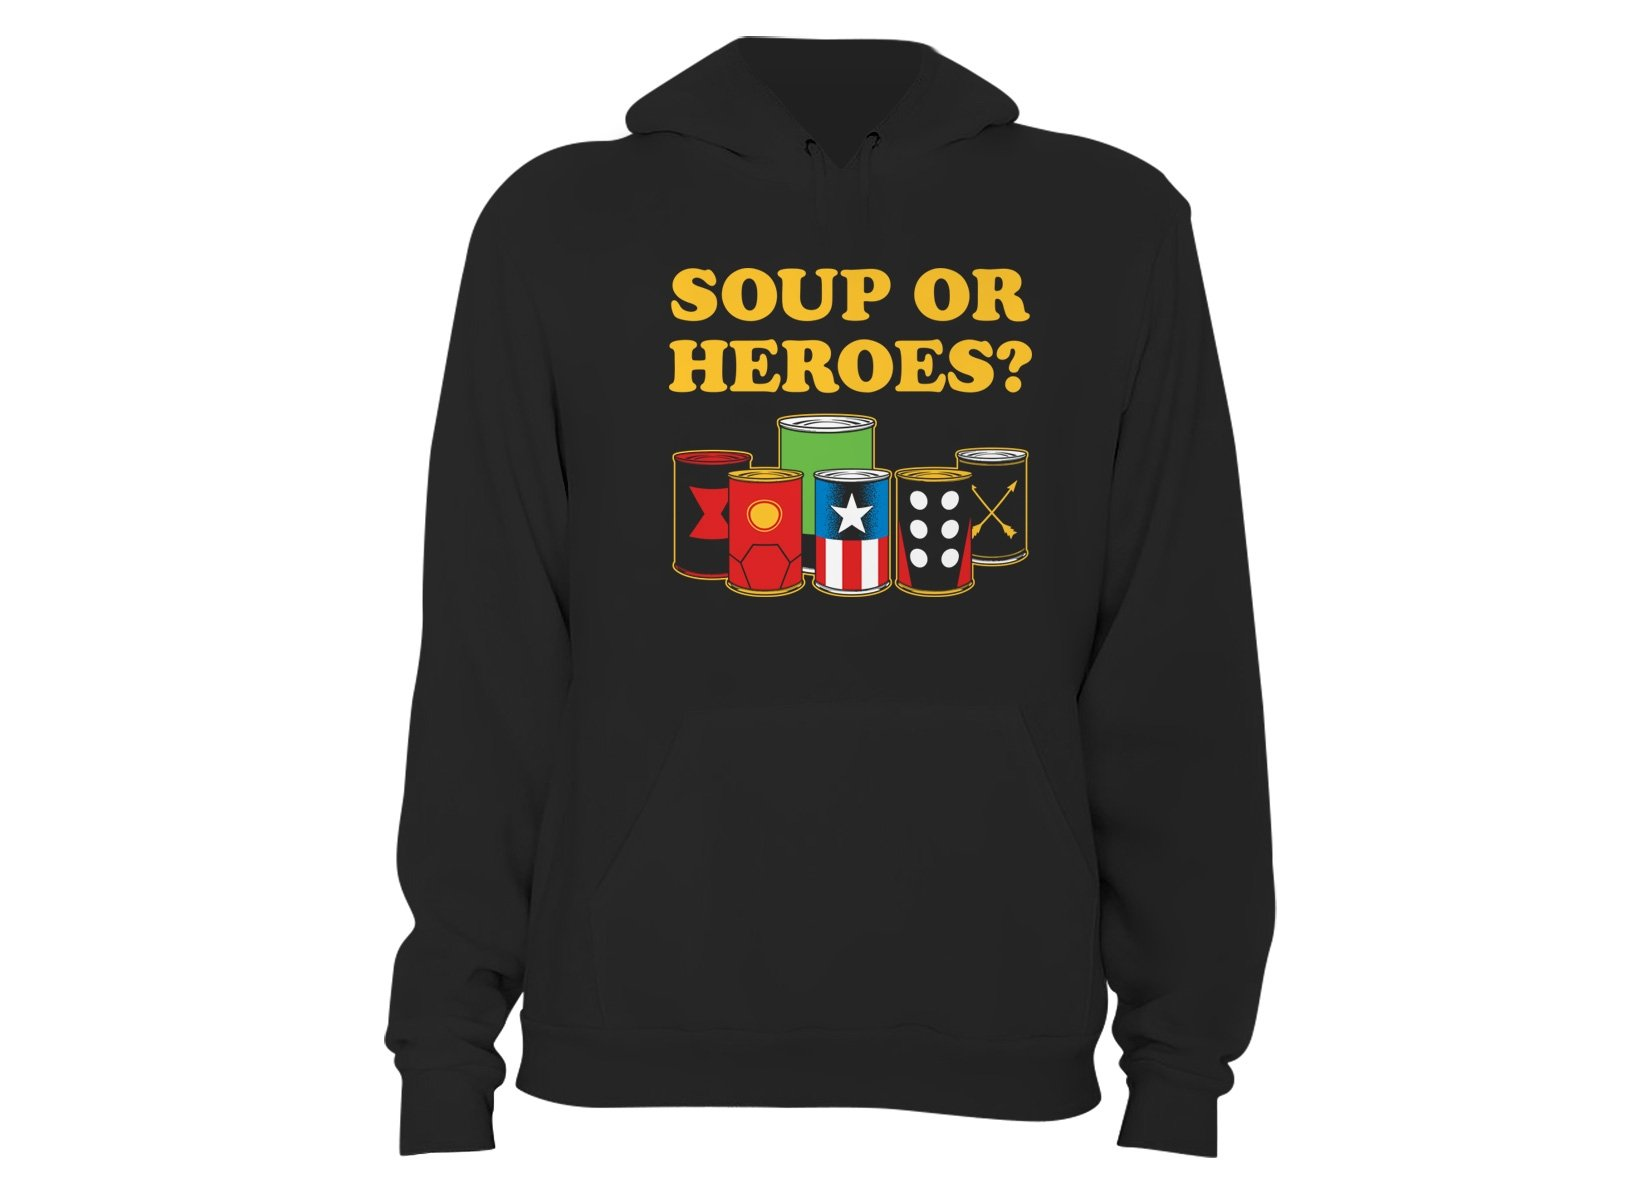 Soup Or Heroes? on Hoodie